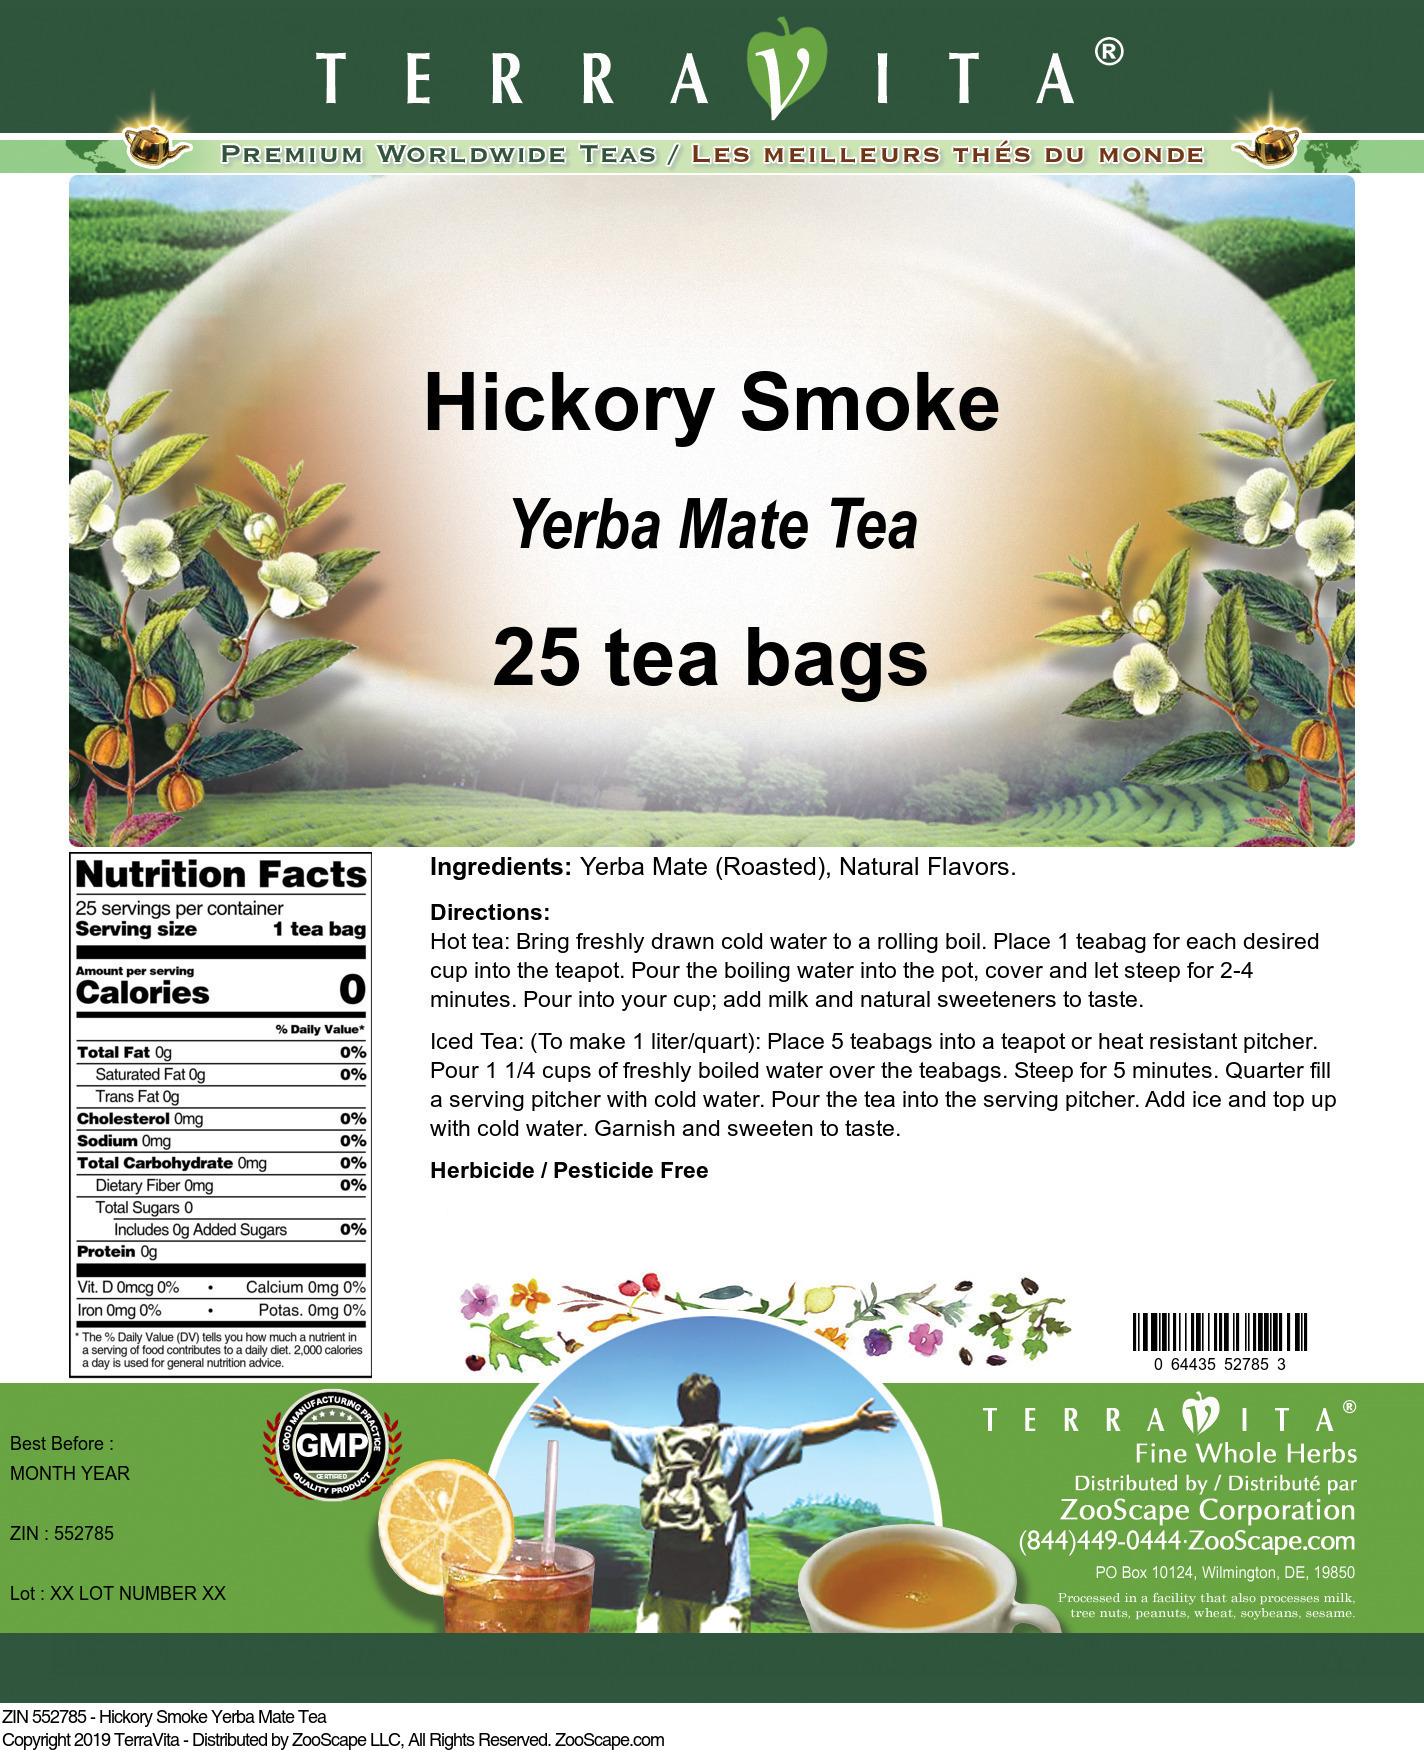 Hickory Smoke Yerba Mate Tea